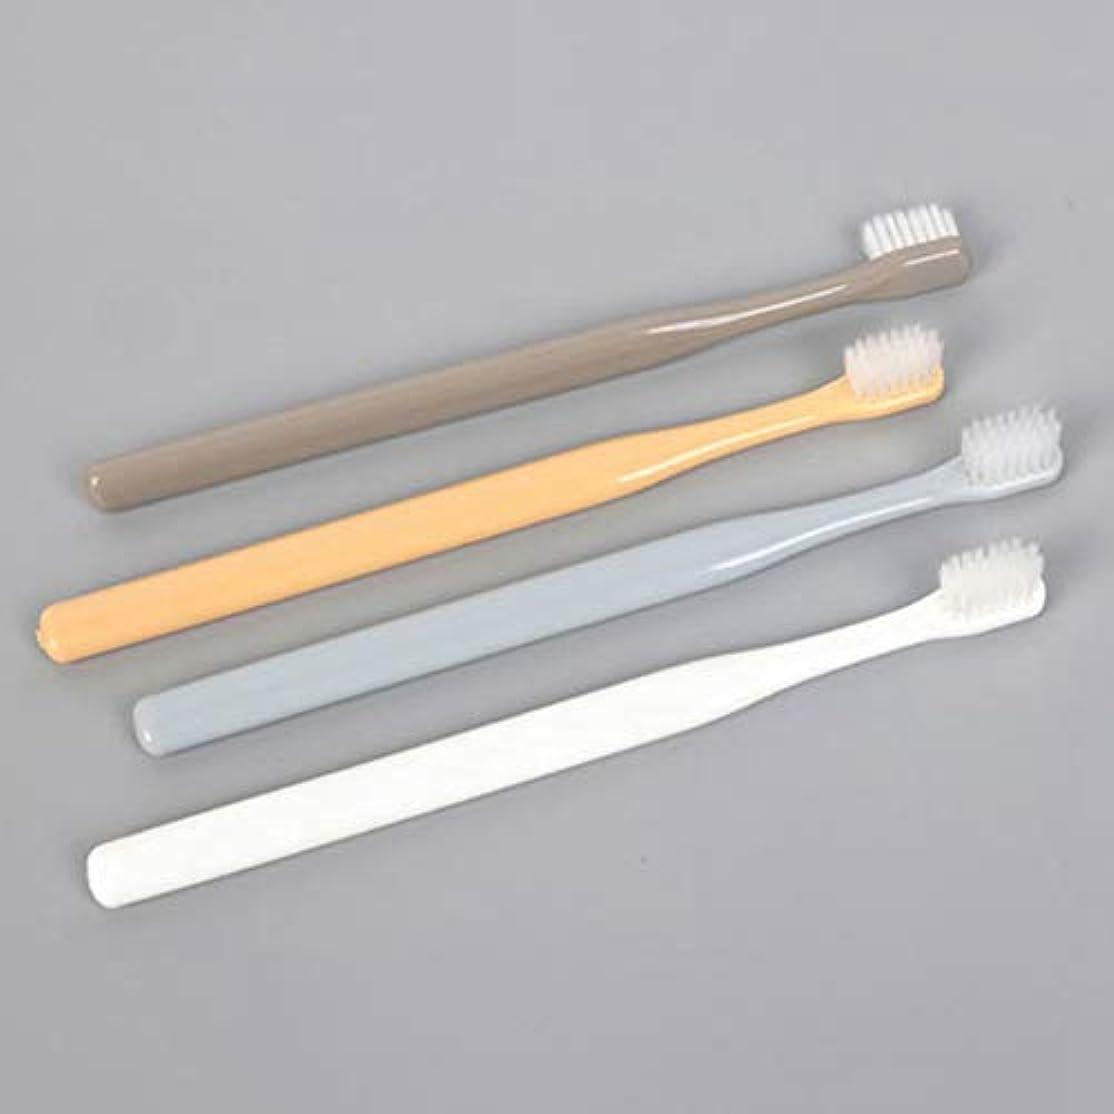 削減ゲインセイアスレチックEVA-JP 歯ブラシ×4本 ナノメートルブラシ 高密度 柔らかいブラシ 日本式歯ブラシ 極薄ヘッド 旅行用歯ブラシ